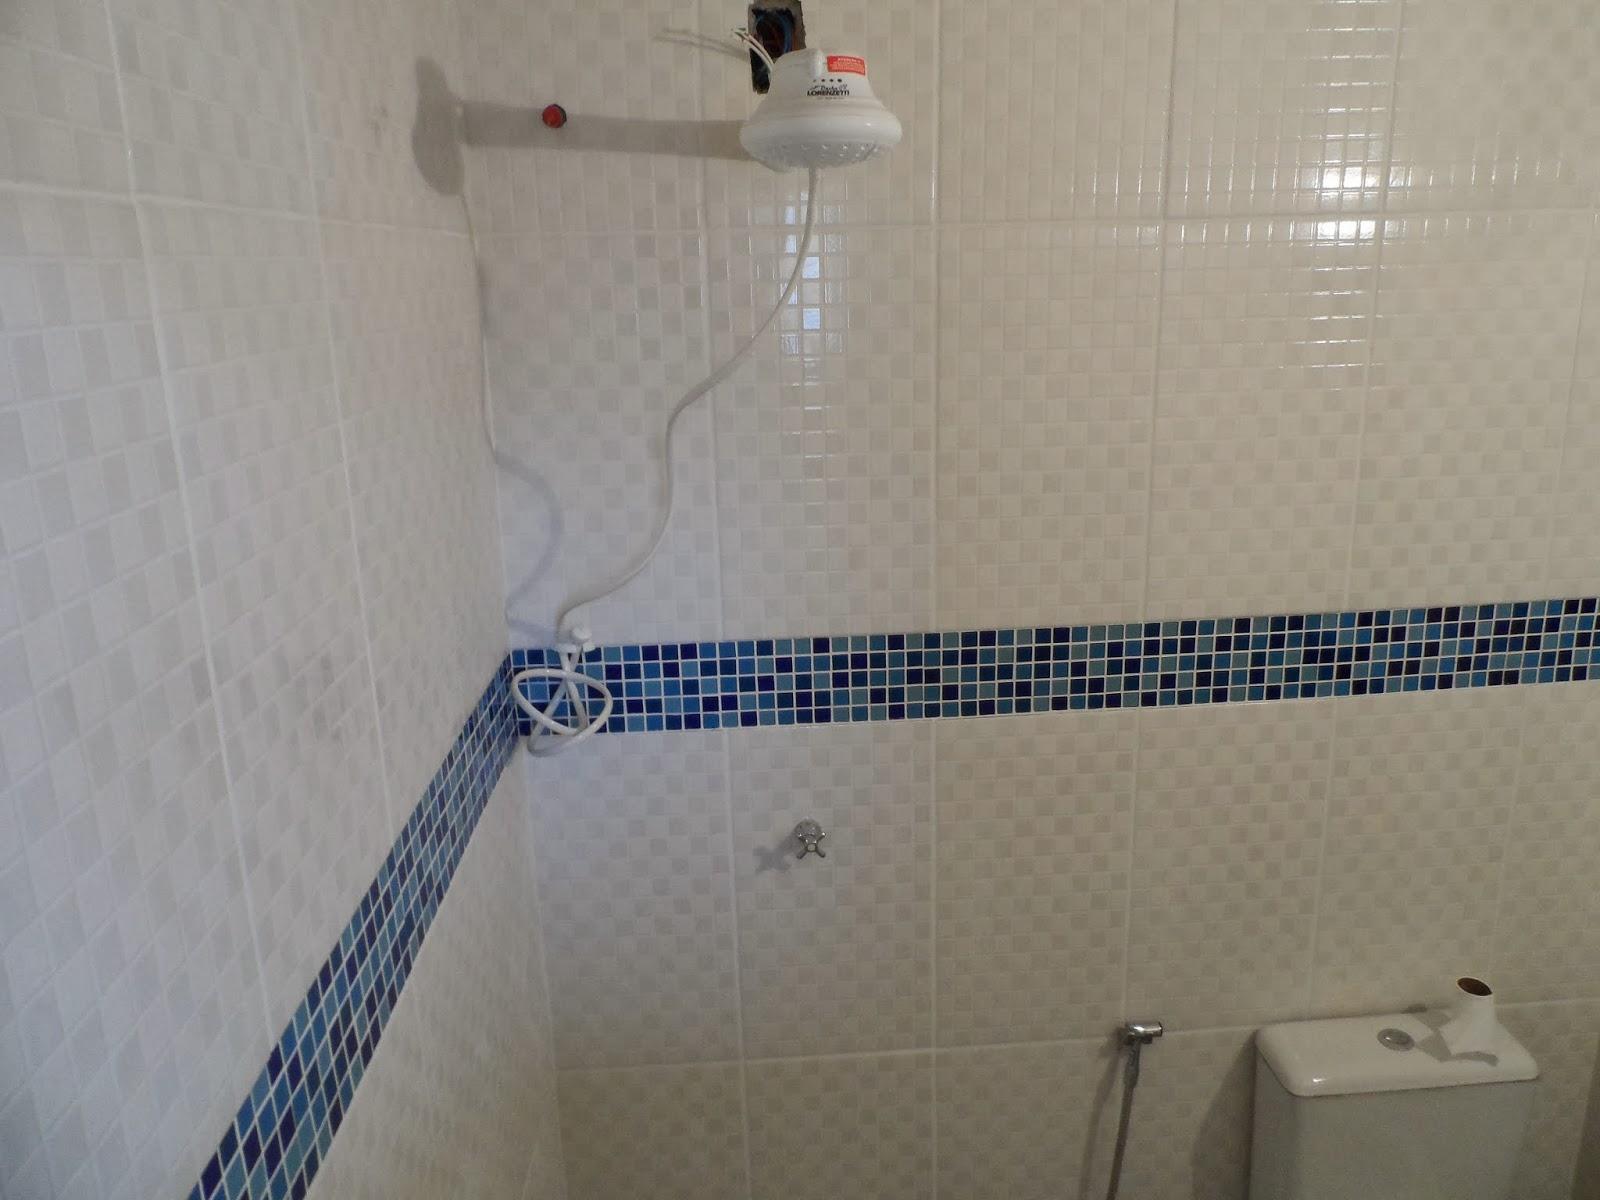 Minha casa te inspira: Banheiro azul e Branco #384960 1600x1200 Banheiro Branco Com Rejunte Azul